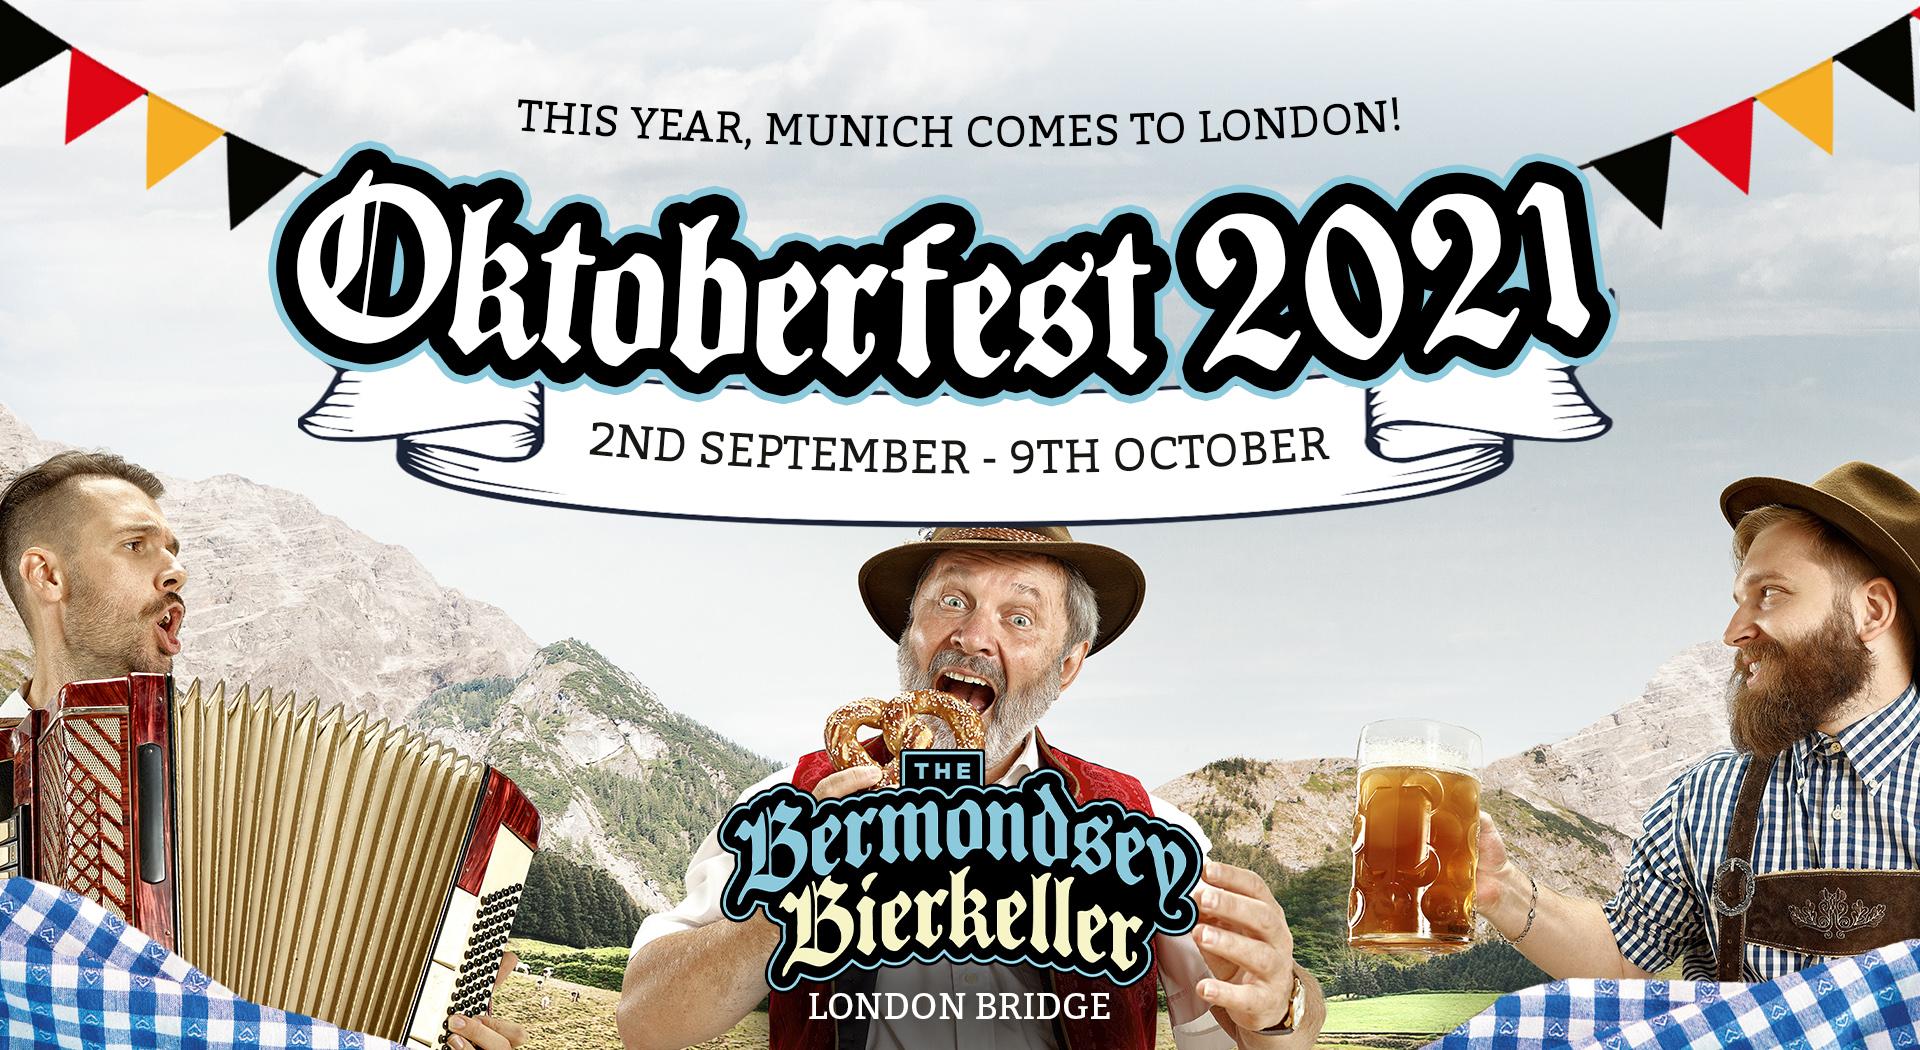 Oktoberfest Parties in London